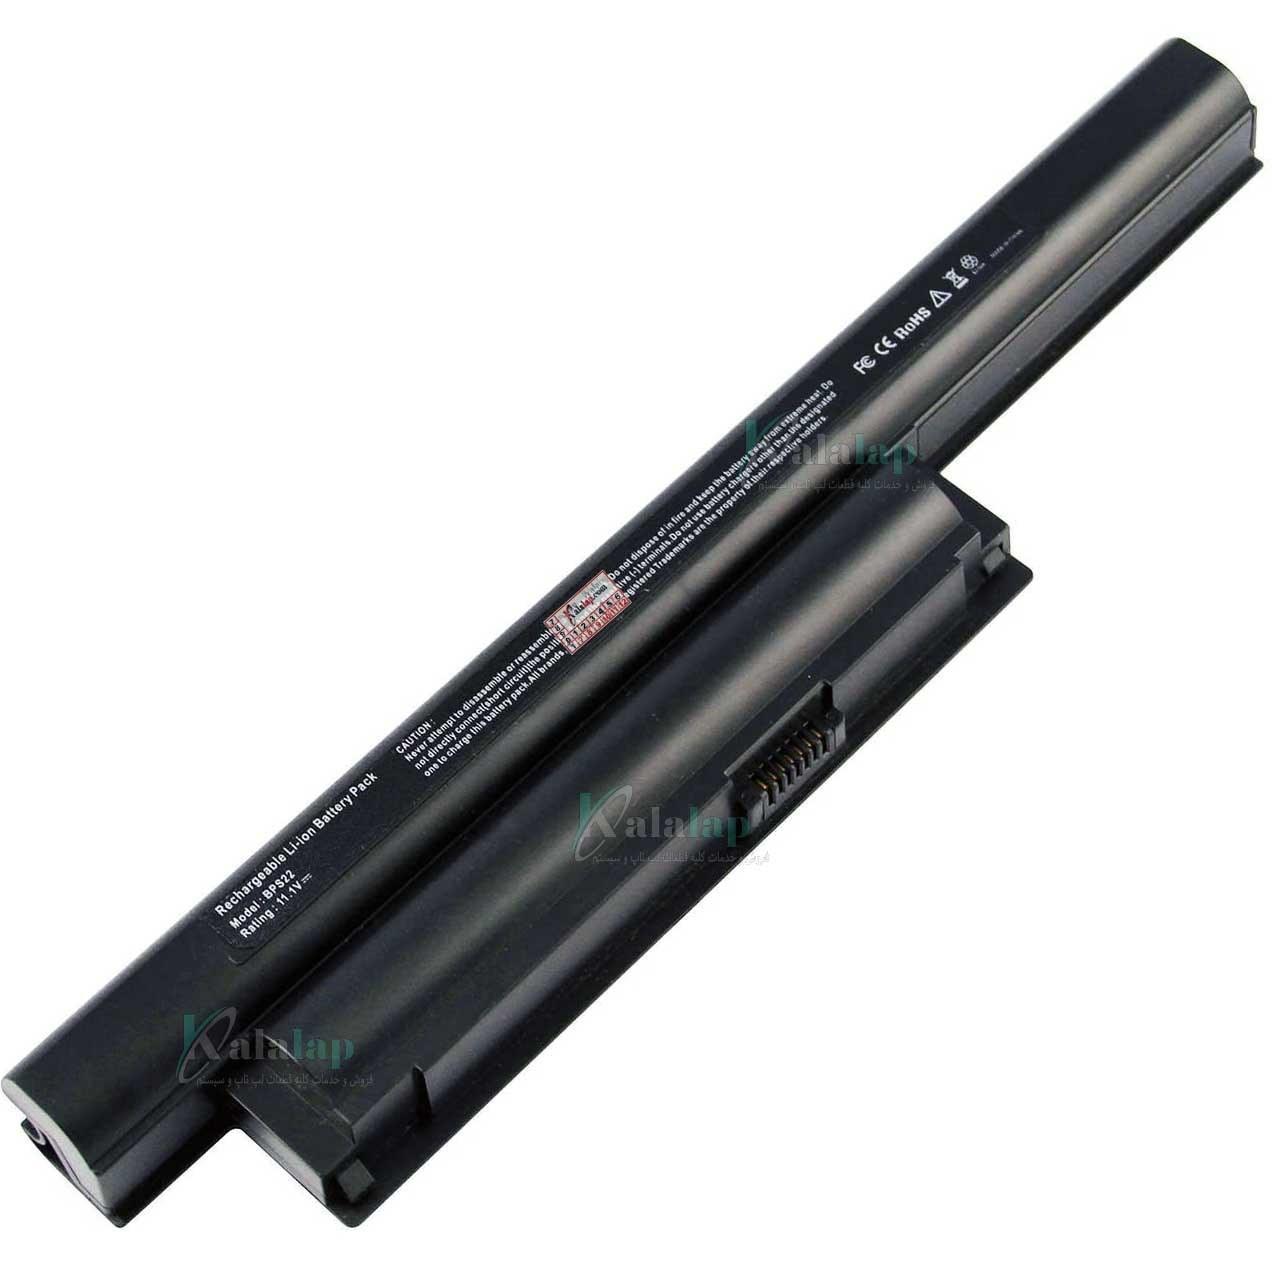 تصویر باتری لپ تاپ سونی BPS22 Battery Laptop Notebook Sony Vaio VGP-BPS22 VGP-BPS22A VGP-BPL22 VGP-BPS22/A Sony VAIO VPC-E1Z1E VAIO VPC-EA VPCEA24FM VPCEE22FX VPCEE23FX